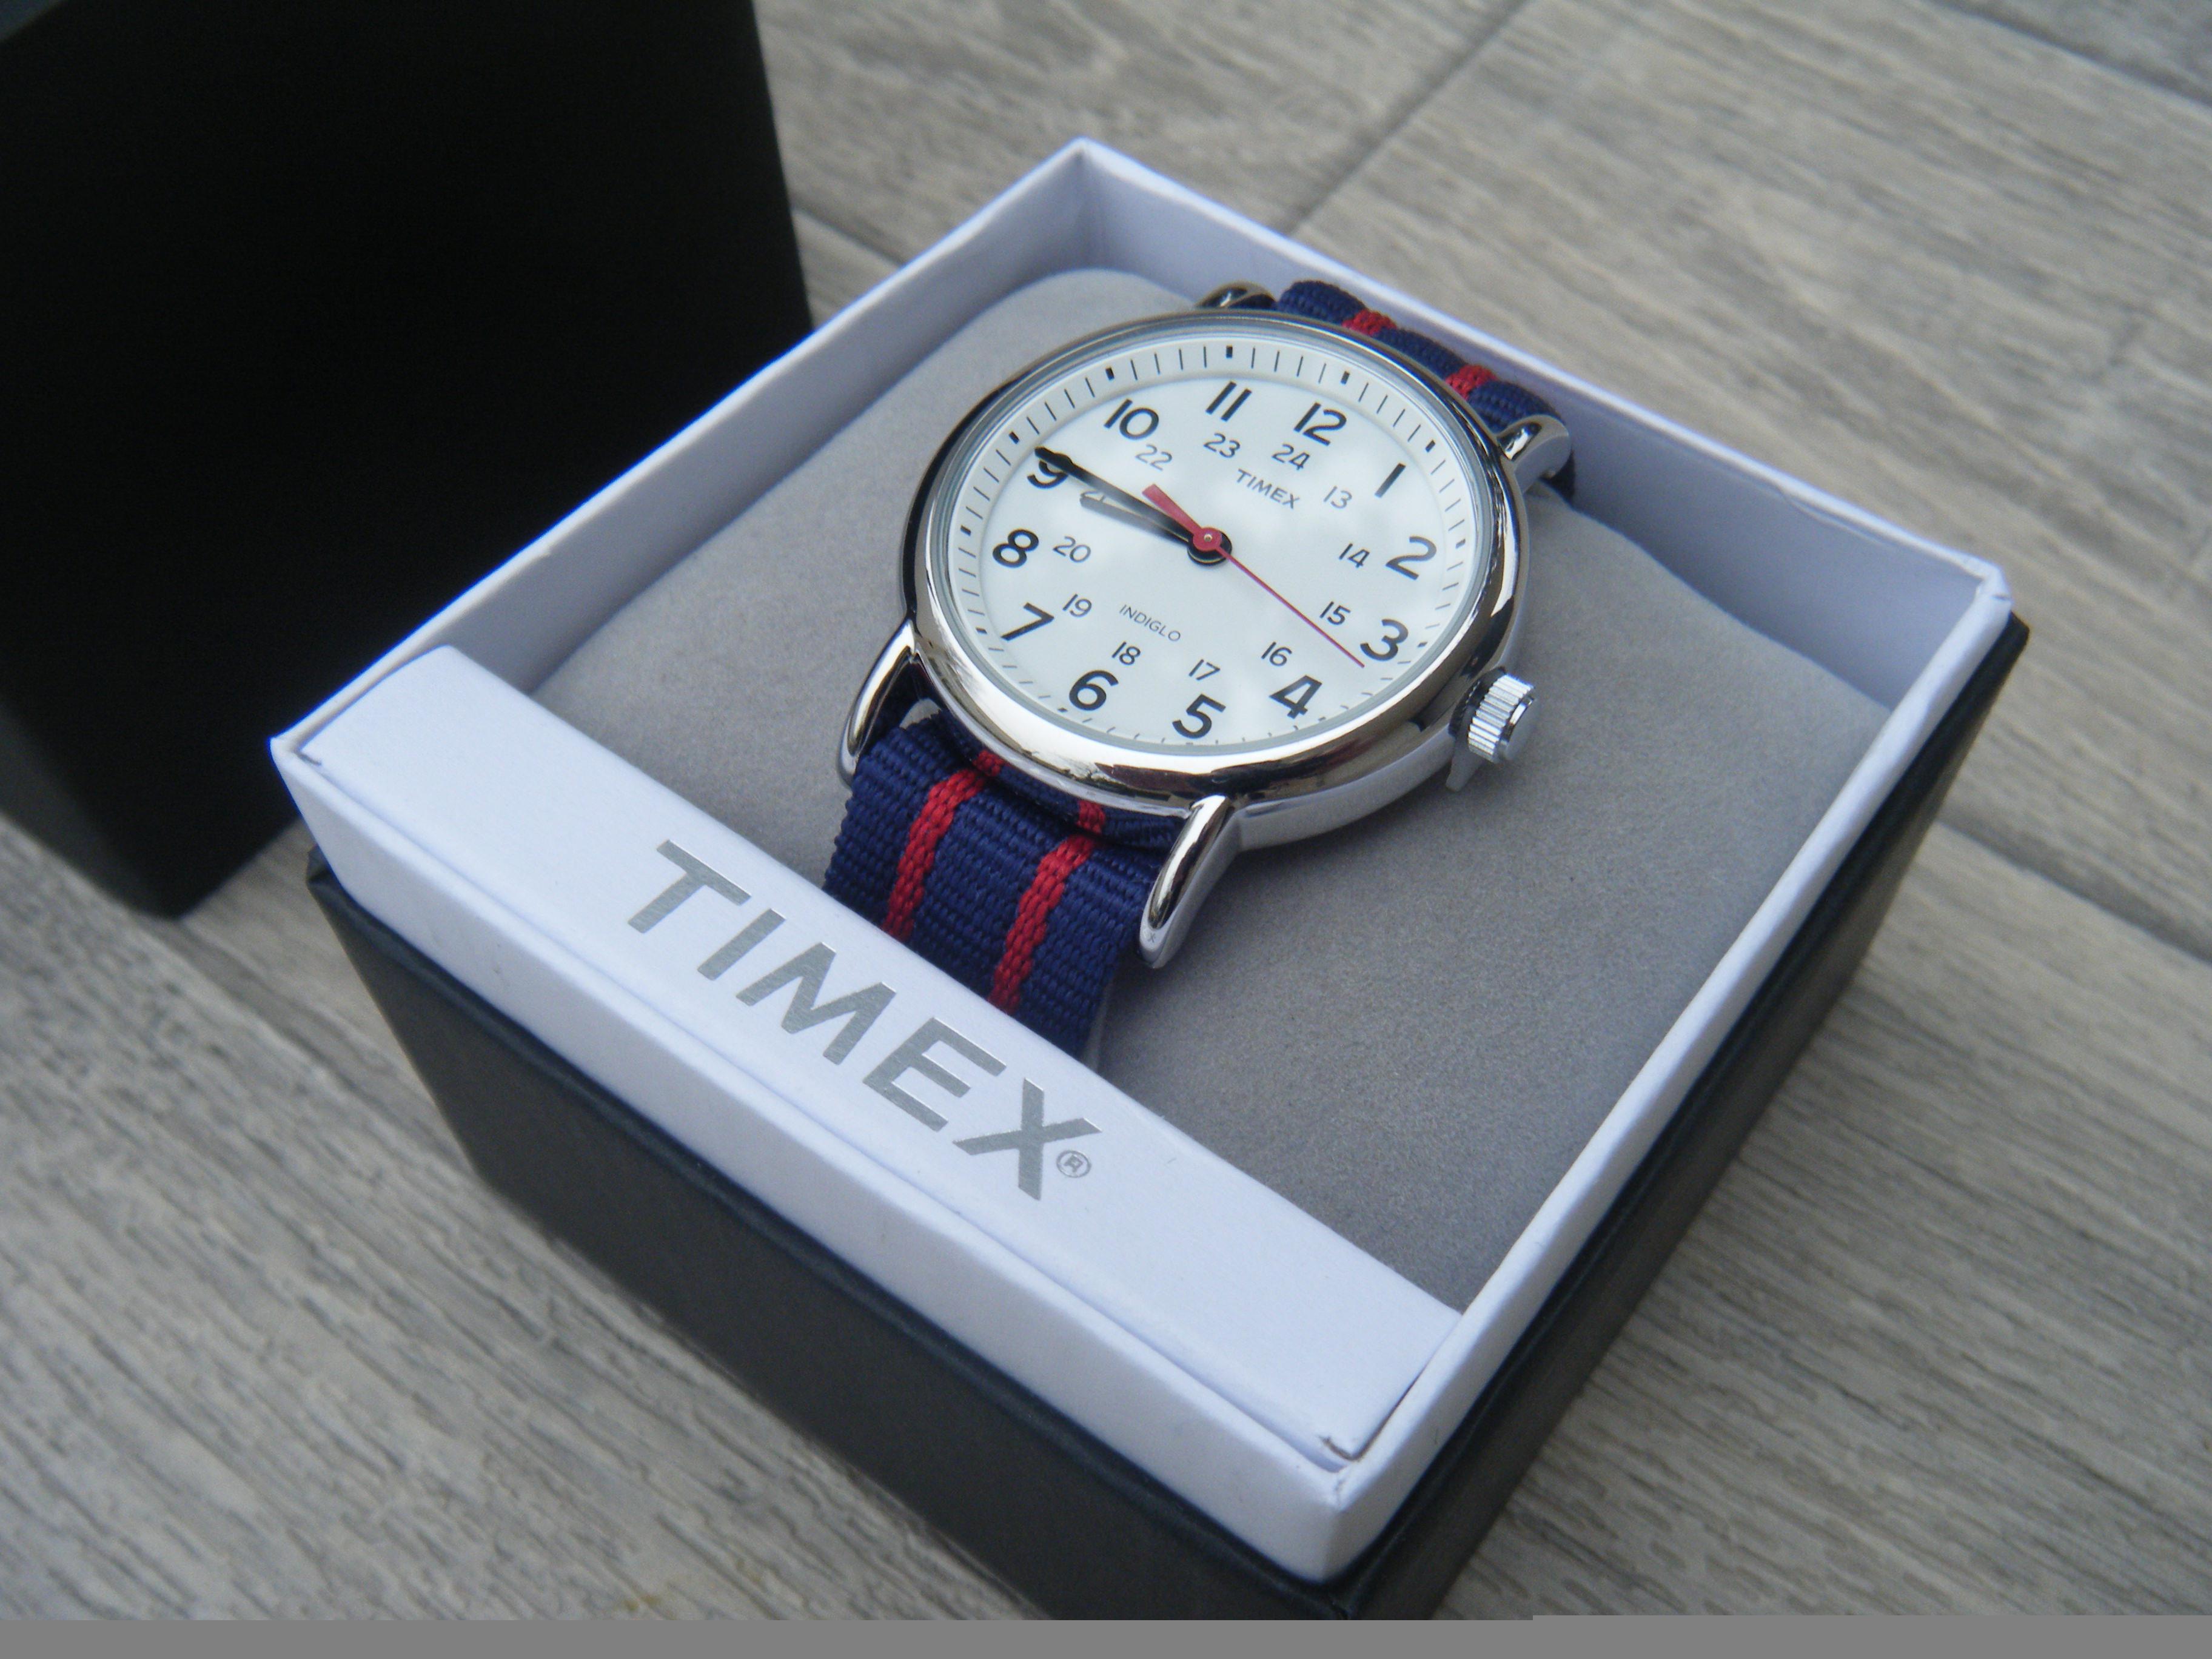 La Montre Timex De Monsieur Marcel | Le Barboteur tout Monsieur Le Montre